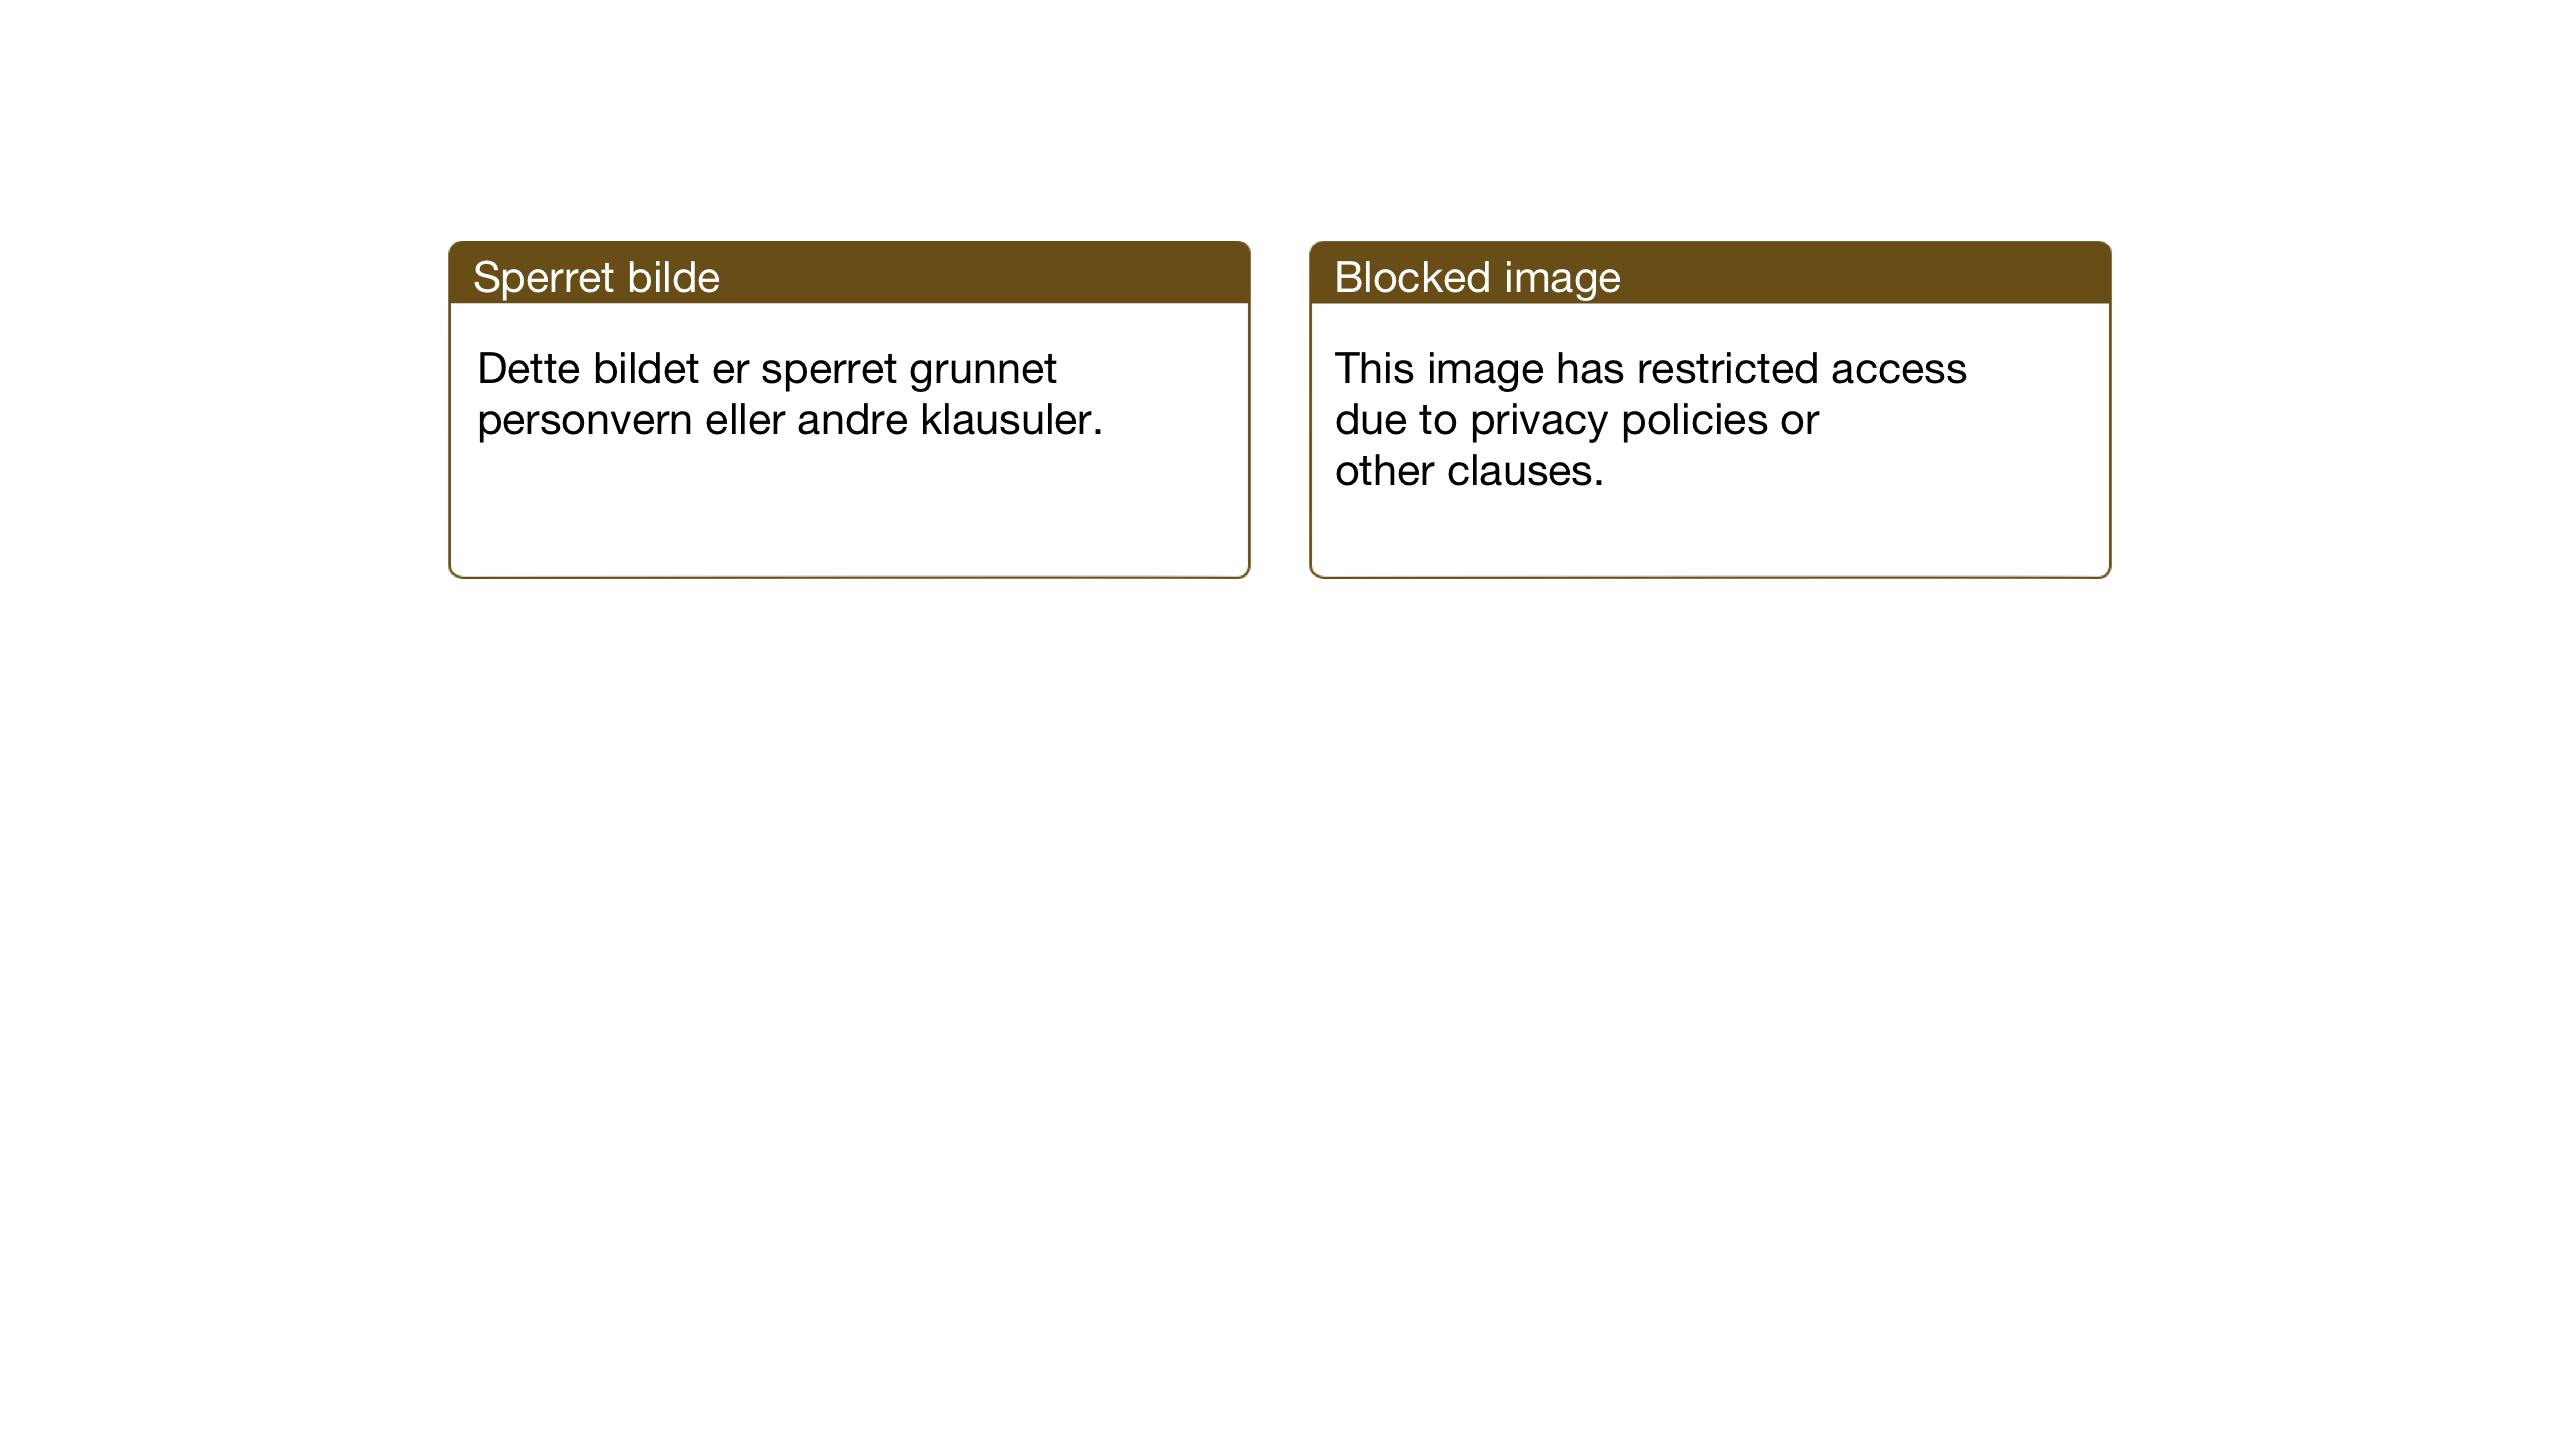 SAT, Ministerialprotokoller, klokkerbøker og fødselsregistre - Nord-Trøndelag, 755/L0500: Klokkerbok nr. 755C01, 1920-1962, s. 22